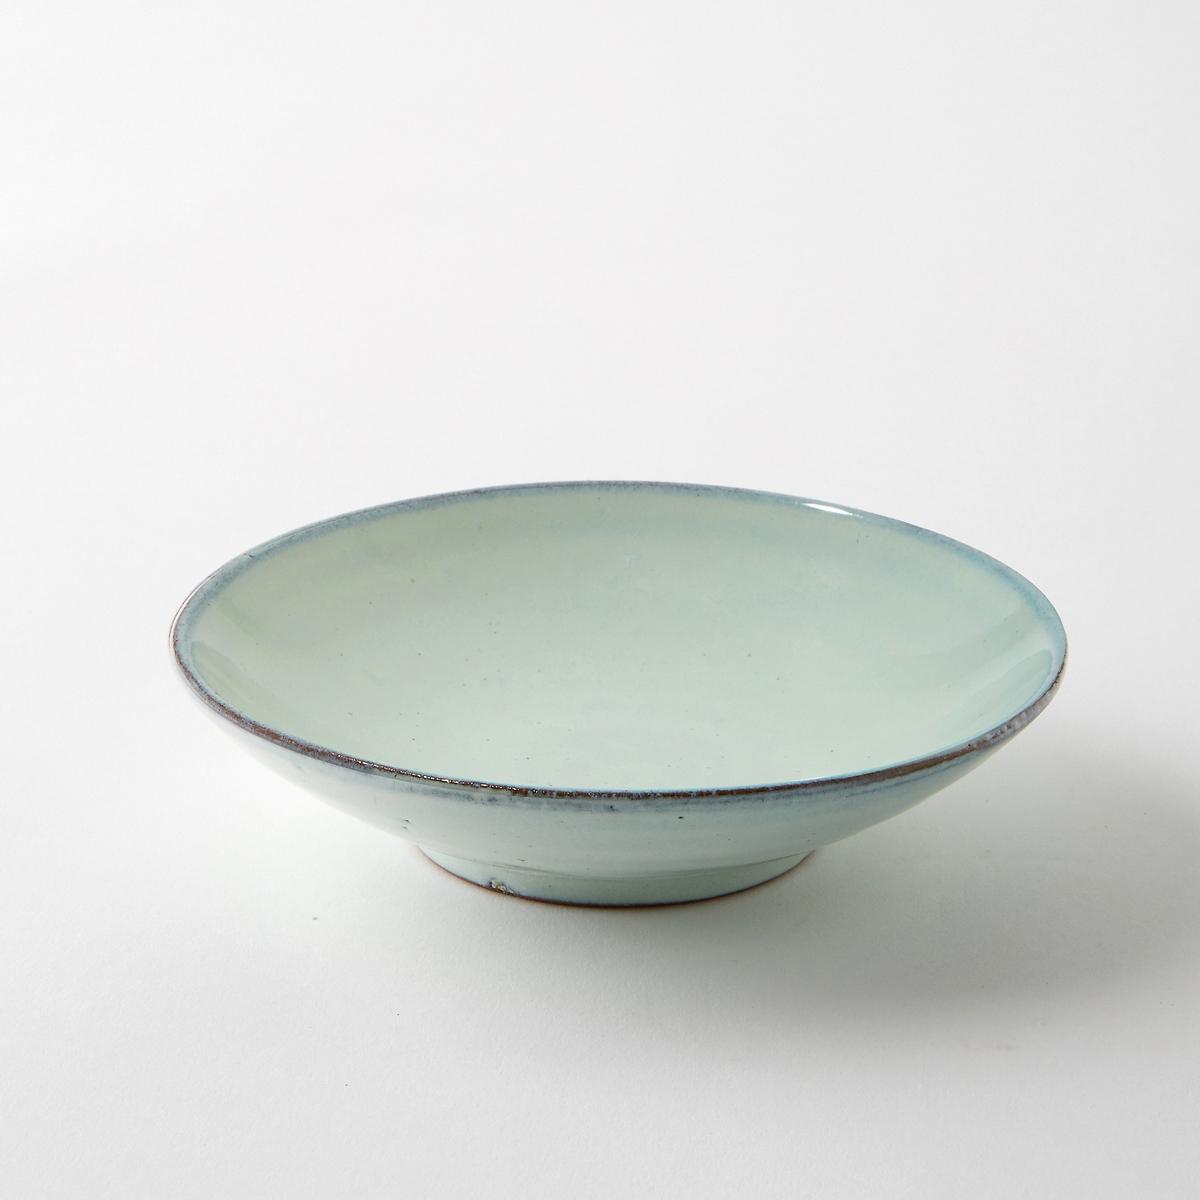 Чаша из керамики, диаметр 15 см, Aqua от SeraxХарактеристики : - Из керамики, покрытой глазурью. - Можно использовать в посудомоечных машинах и микроволновых печах. - Вся коллекция Aqua на сайте ampm.ruРазмеры  : - диаметр 15 x высота 3,5 см.<br><br>Цвет: бирюзовый